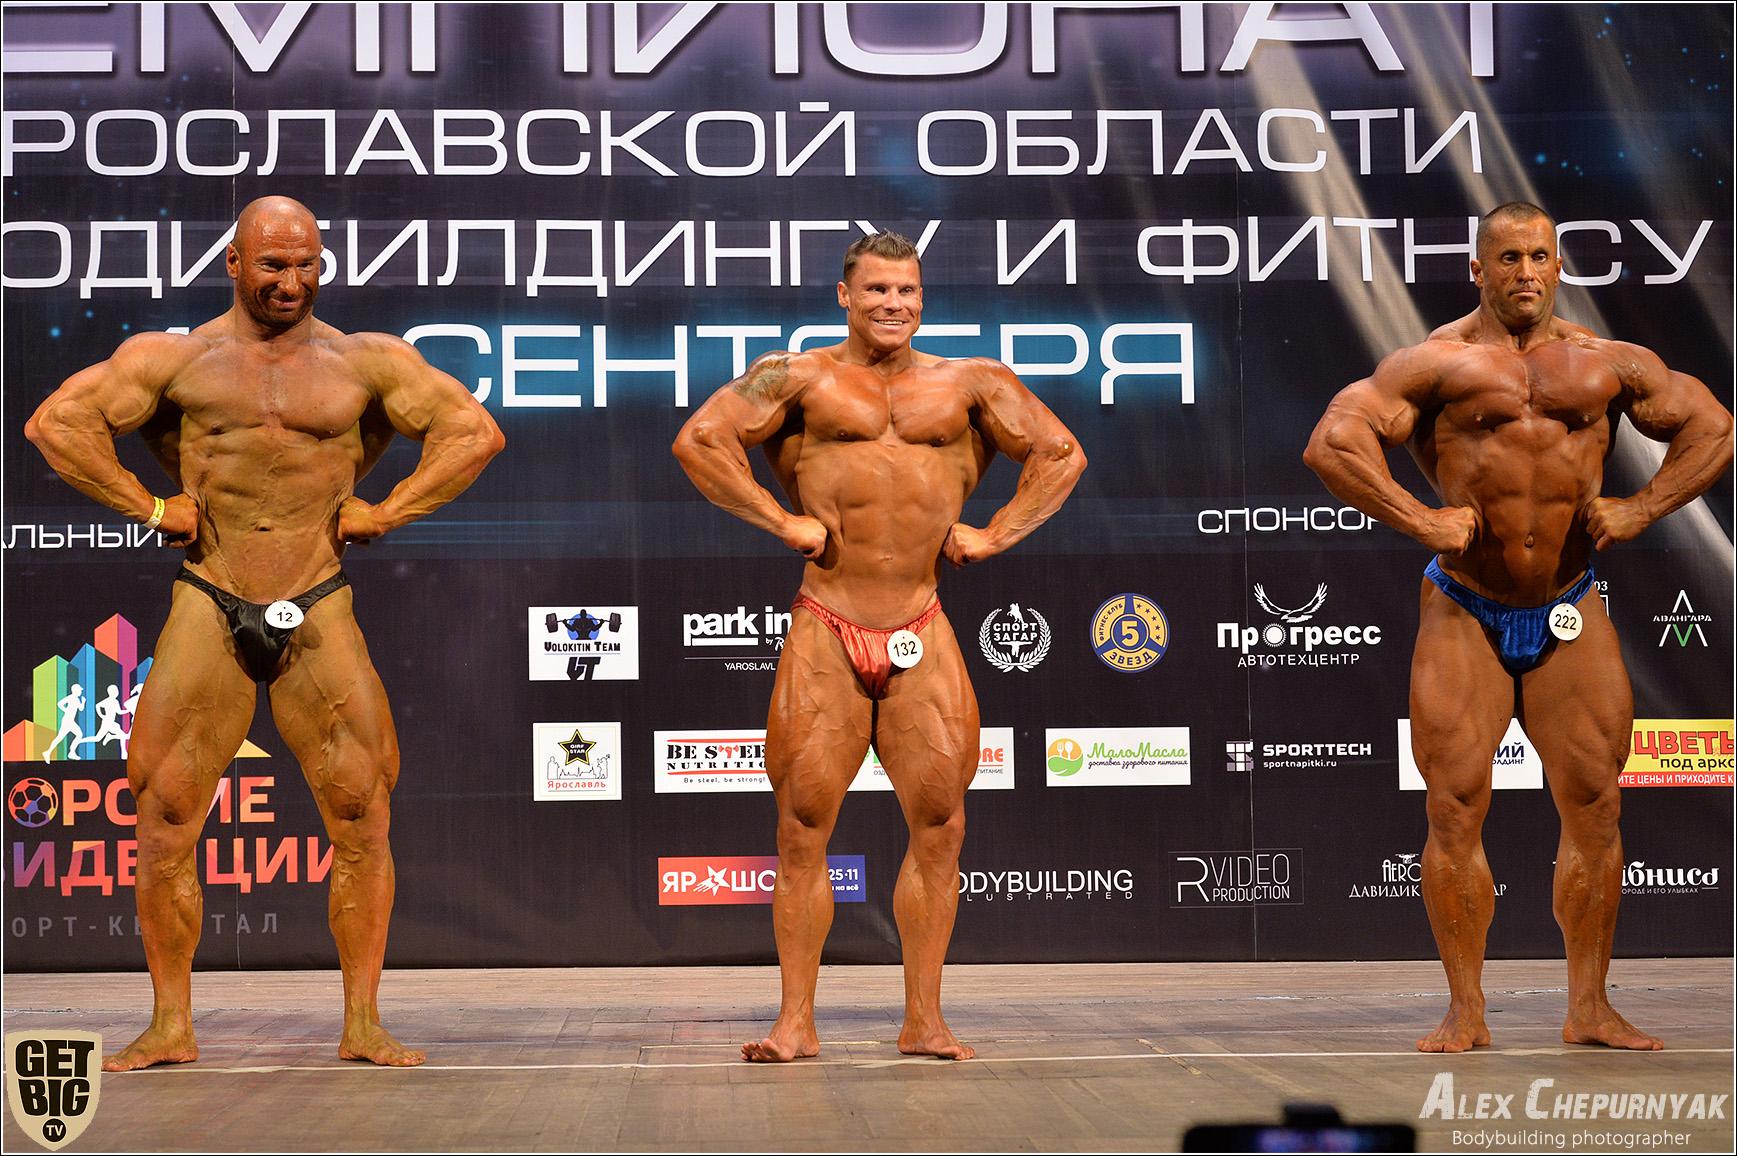 Чемпионат Ярославской области по бодибилдингу - 2019